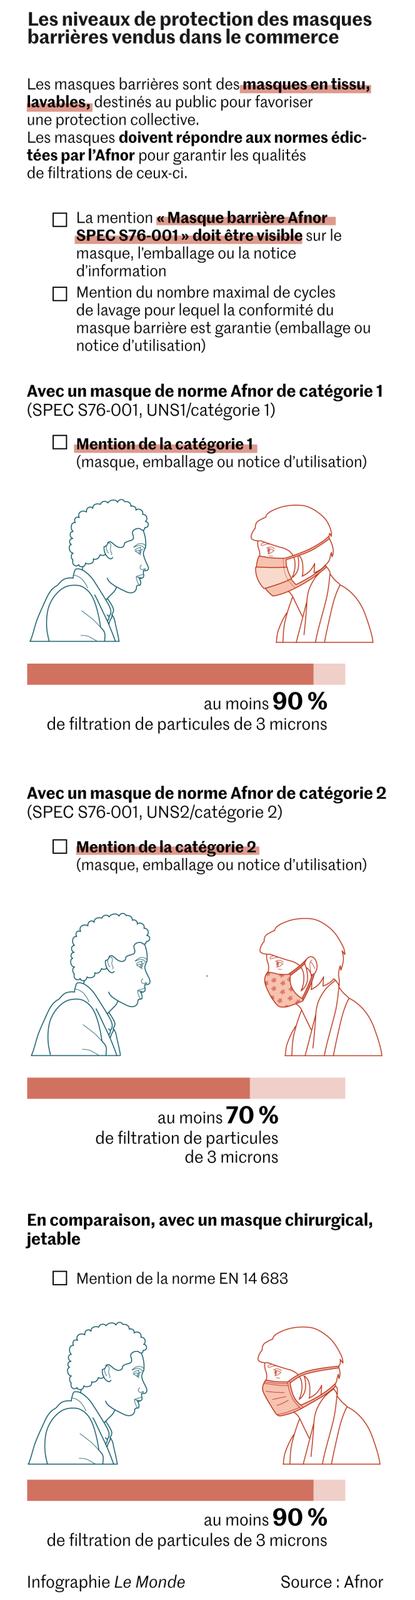 """Infographie """"Le Monde"""" source AFNOR"""